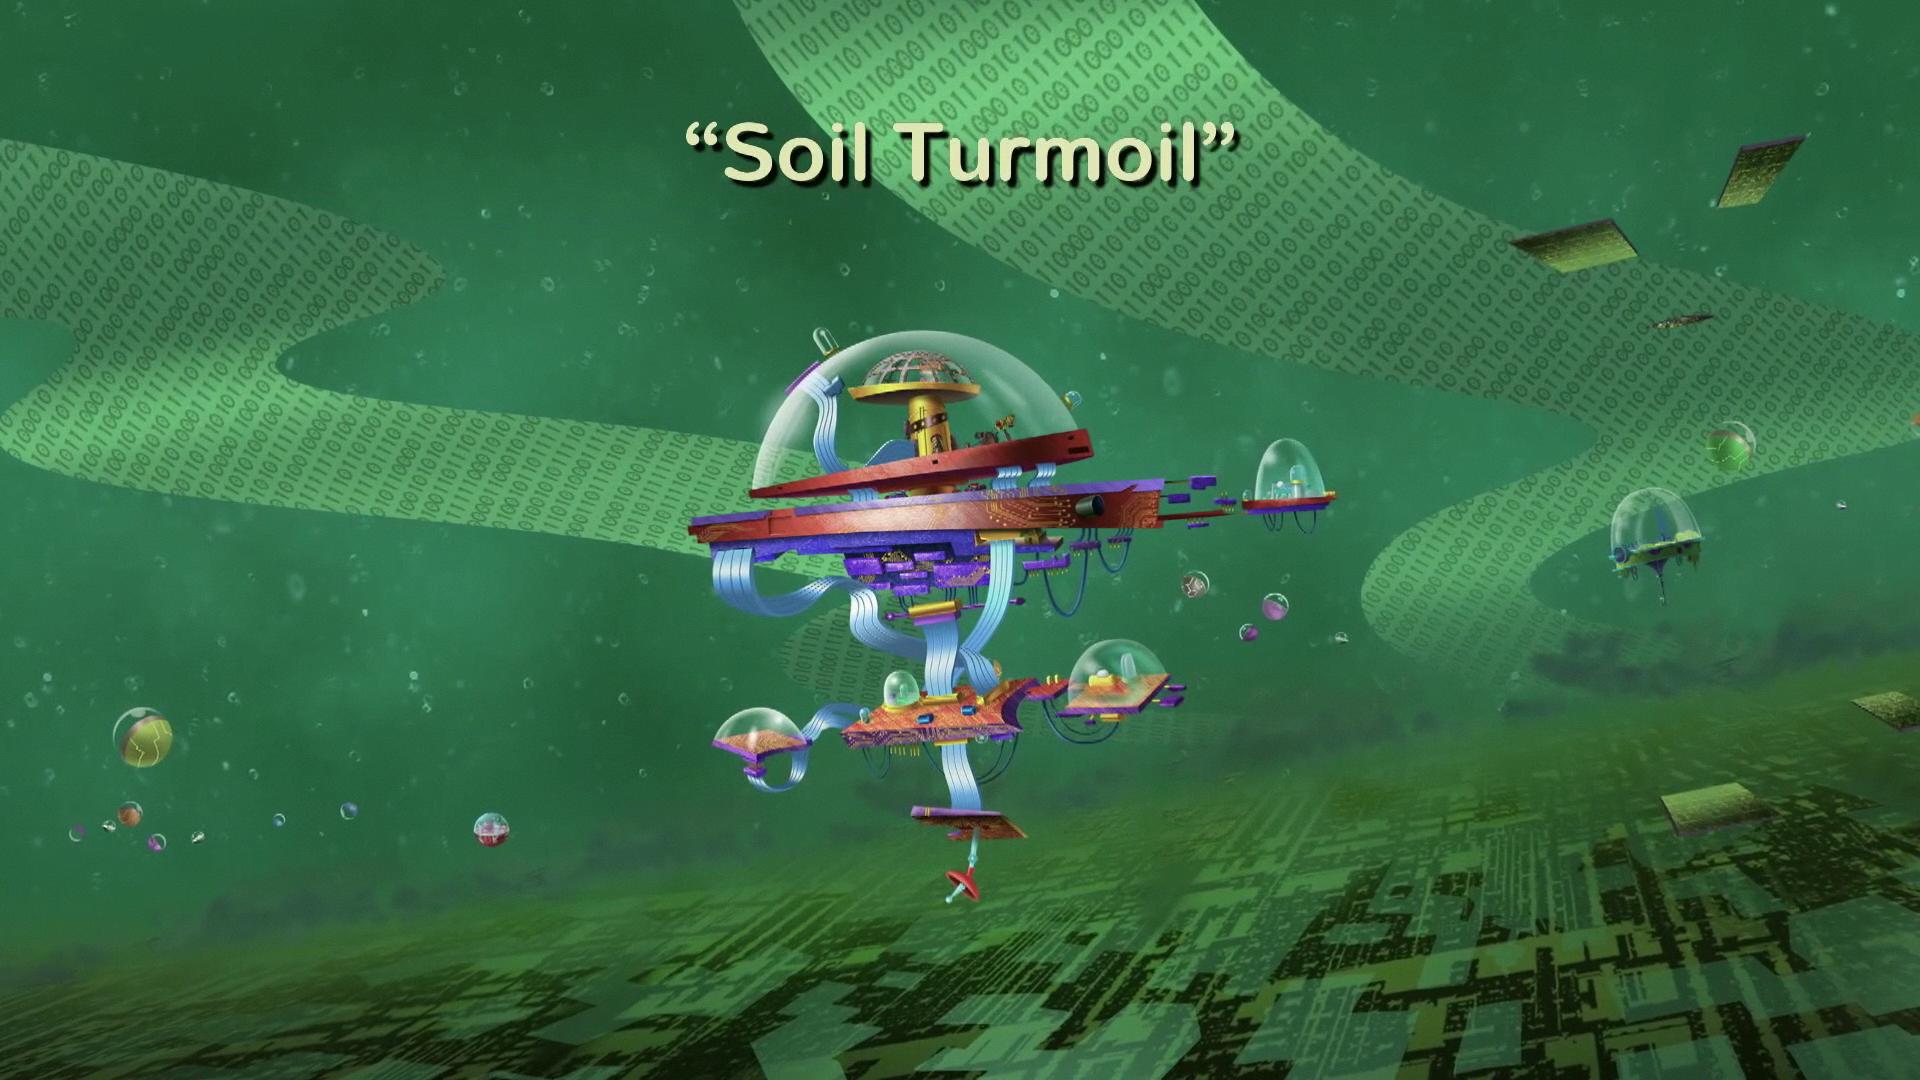 Soil Turmoil